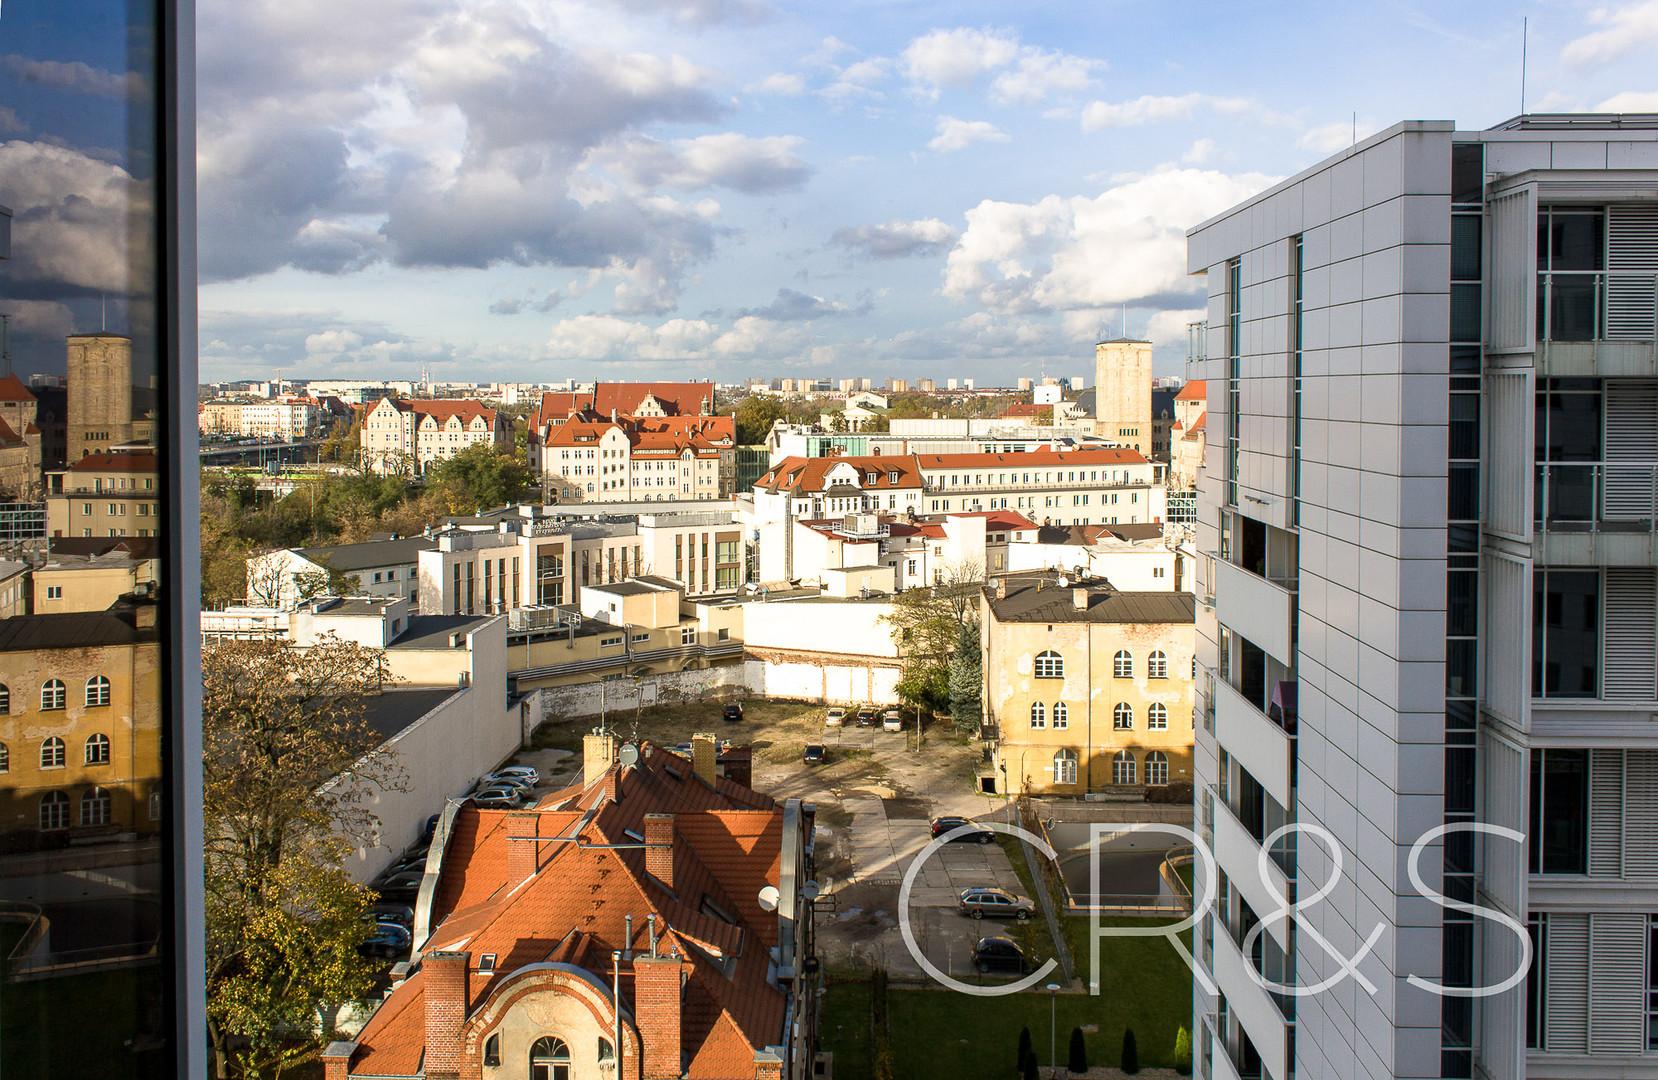 Flat to let Wodziczki Poznan-6.jpg